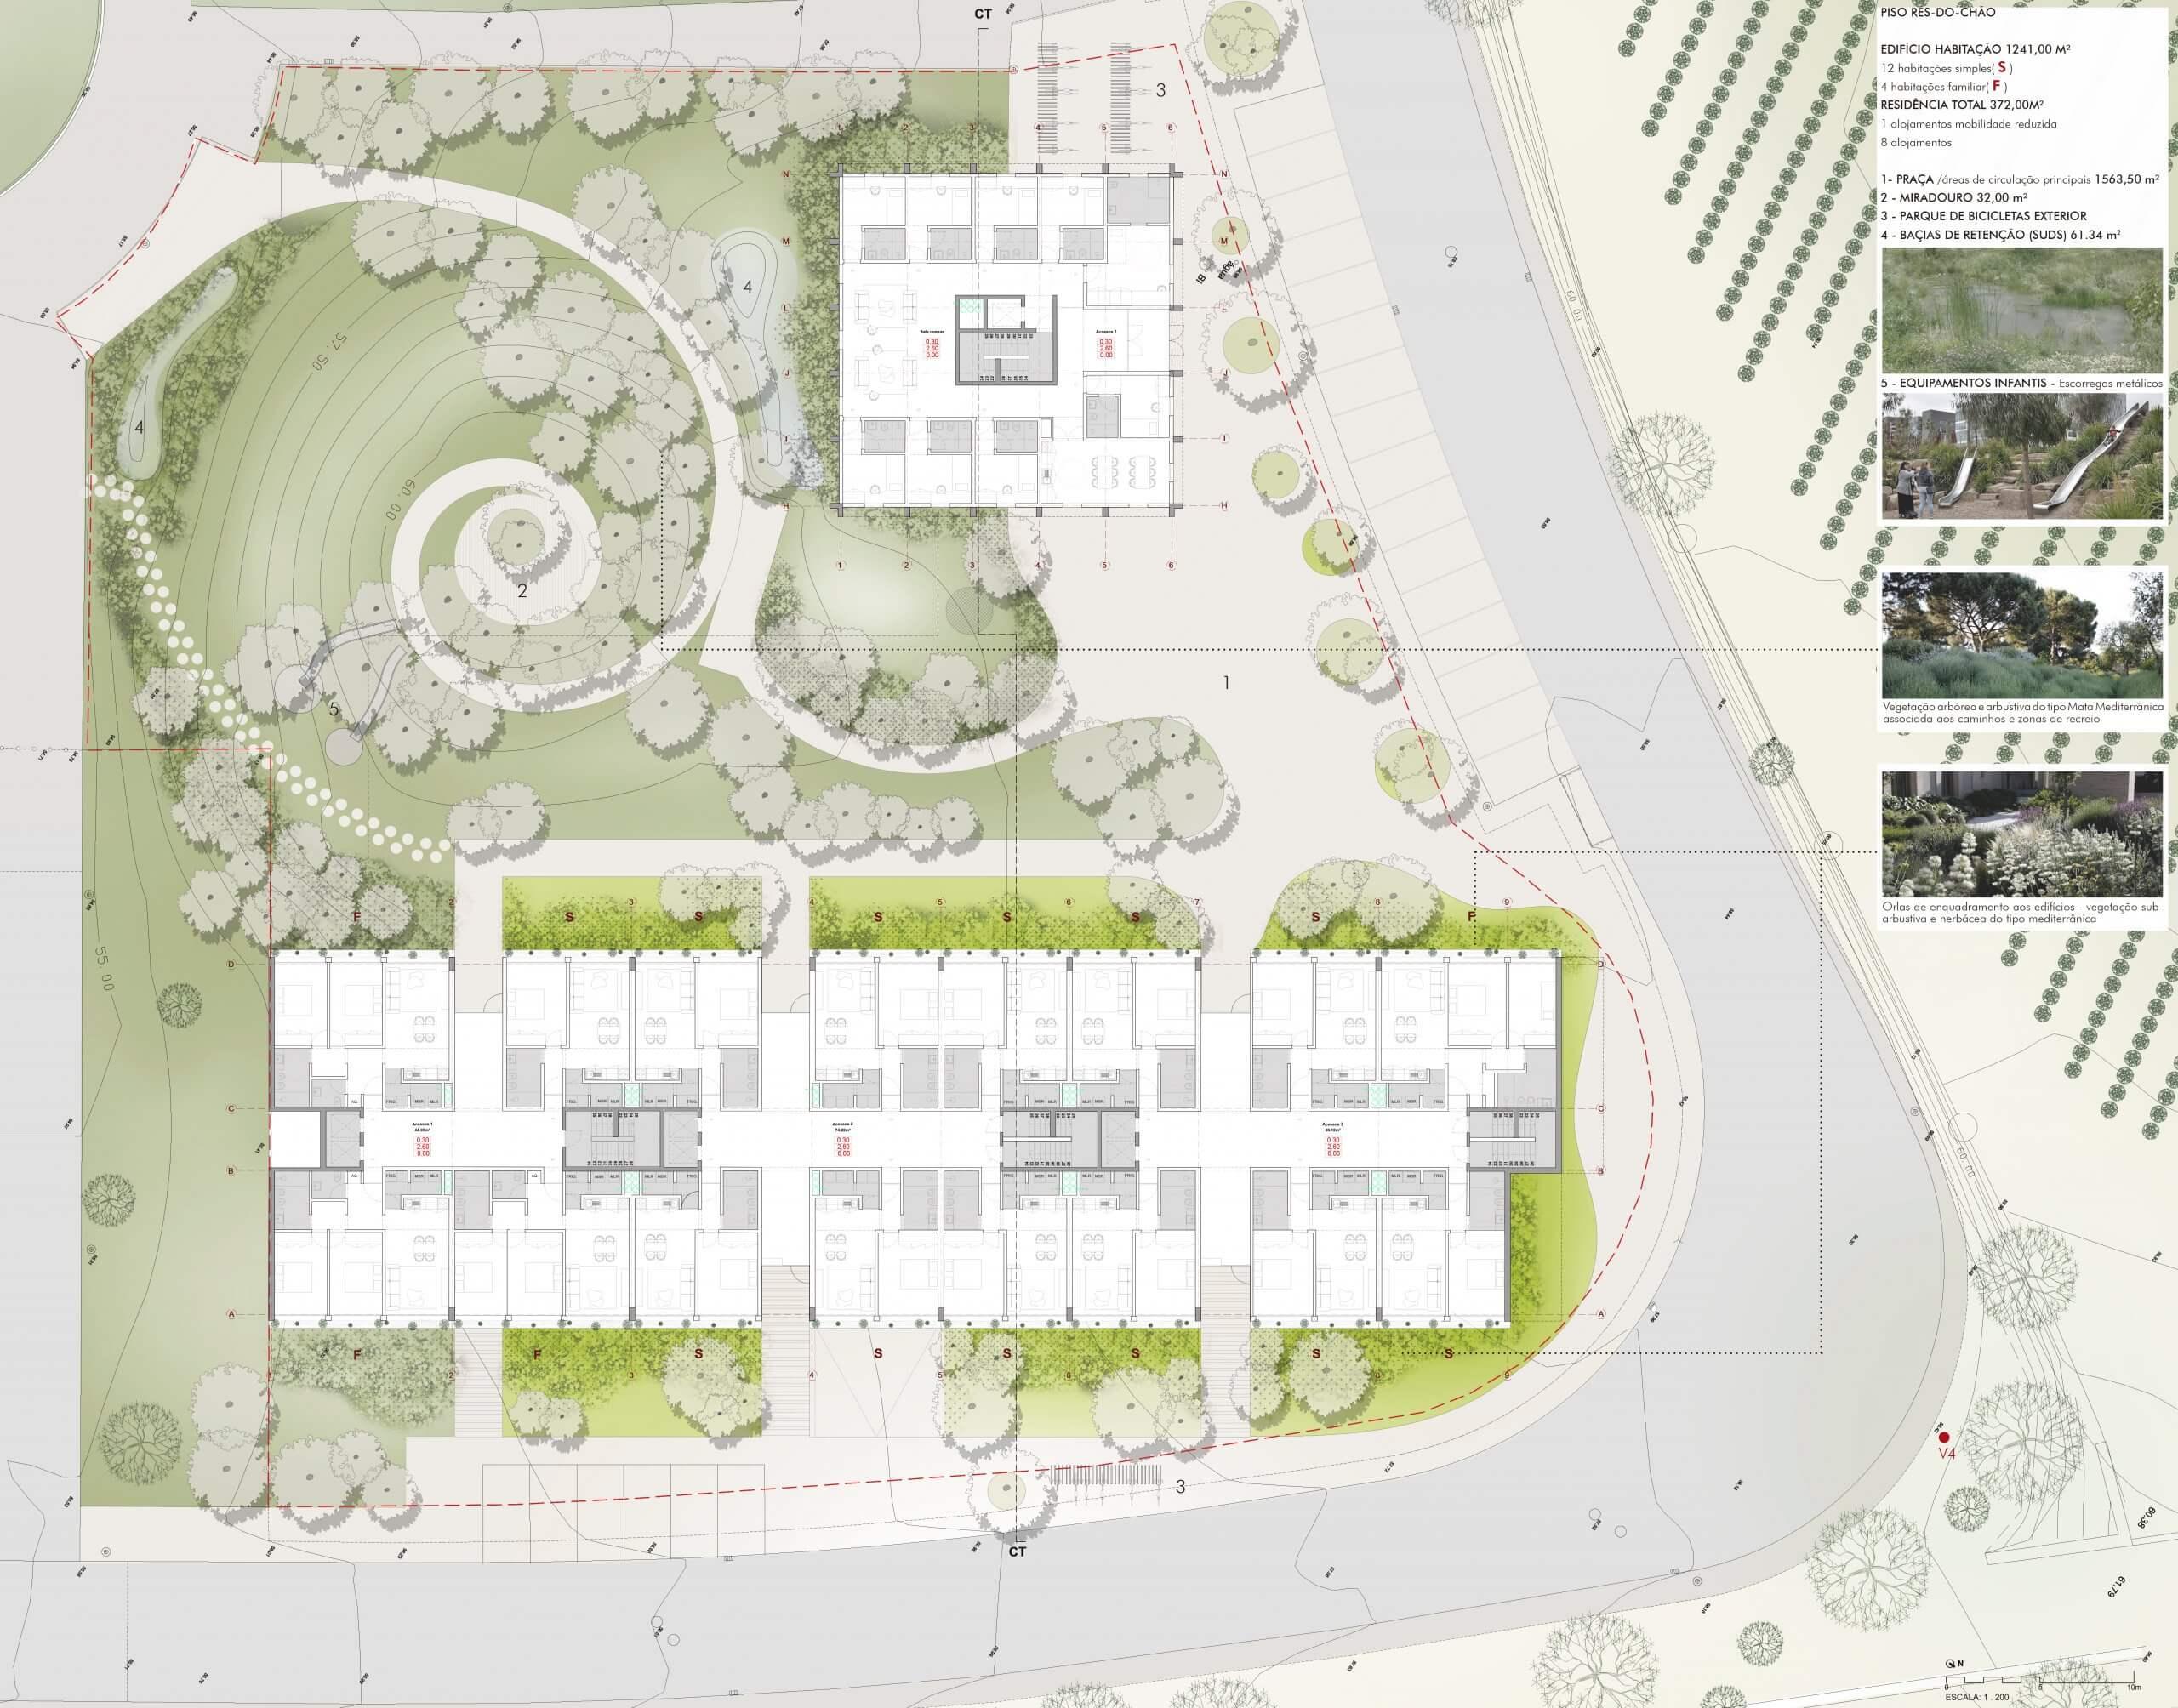 Concurso projeto municipal de habitação em Carcavelos